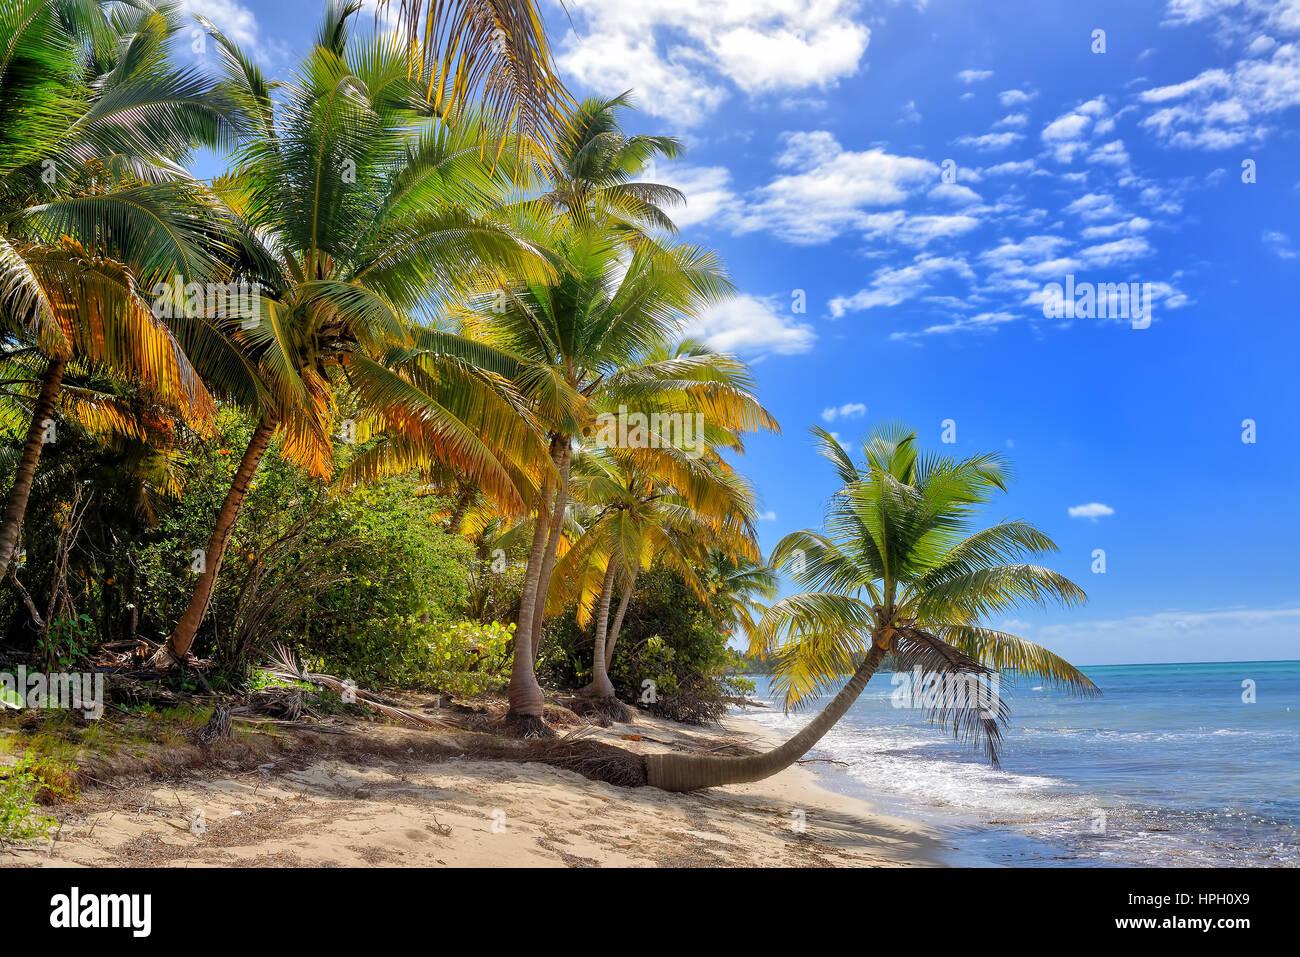 Scieries de plage de sable blanc avec des palmiers. L'île de Saona, République Dominicaine Photo Stock